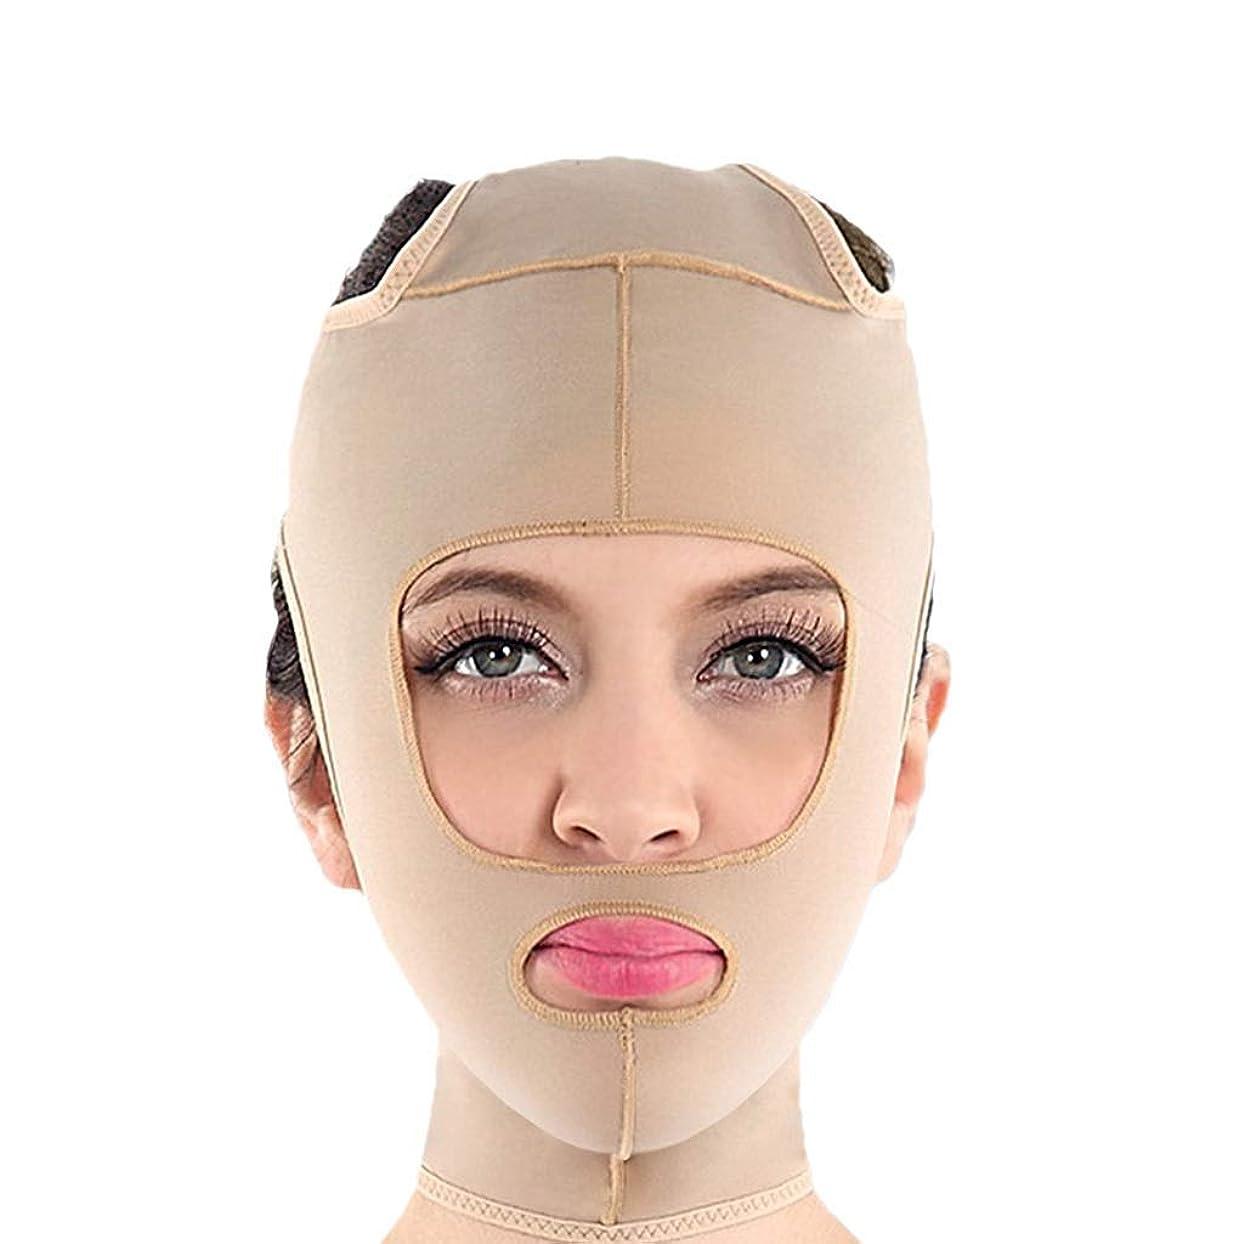 兄天文学仕えるフェイスリフティング、ダブルチンストラップ、フェイシャル減量マスク、ダブルチンを減らすリフティングヌードル、ファーミングフェイス、パワフルリフティングマスク(サイズ:M),ザ?